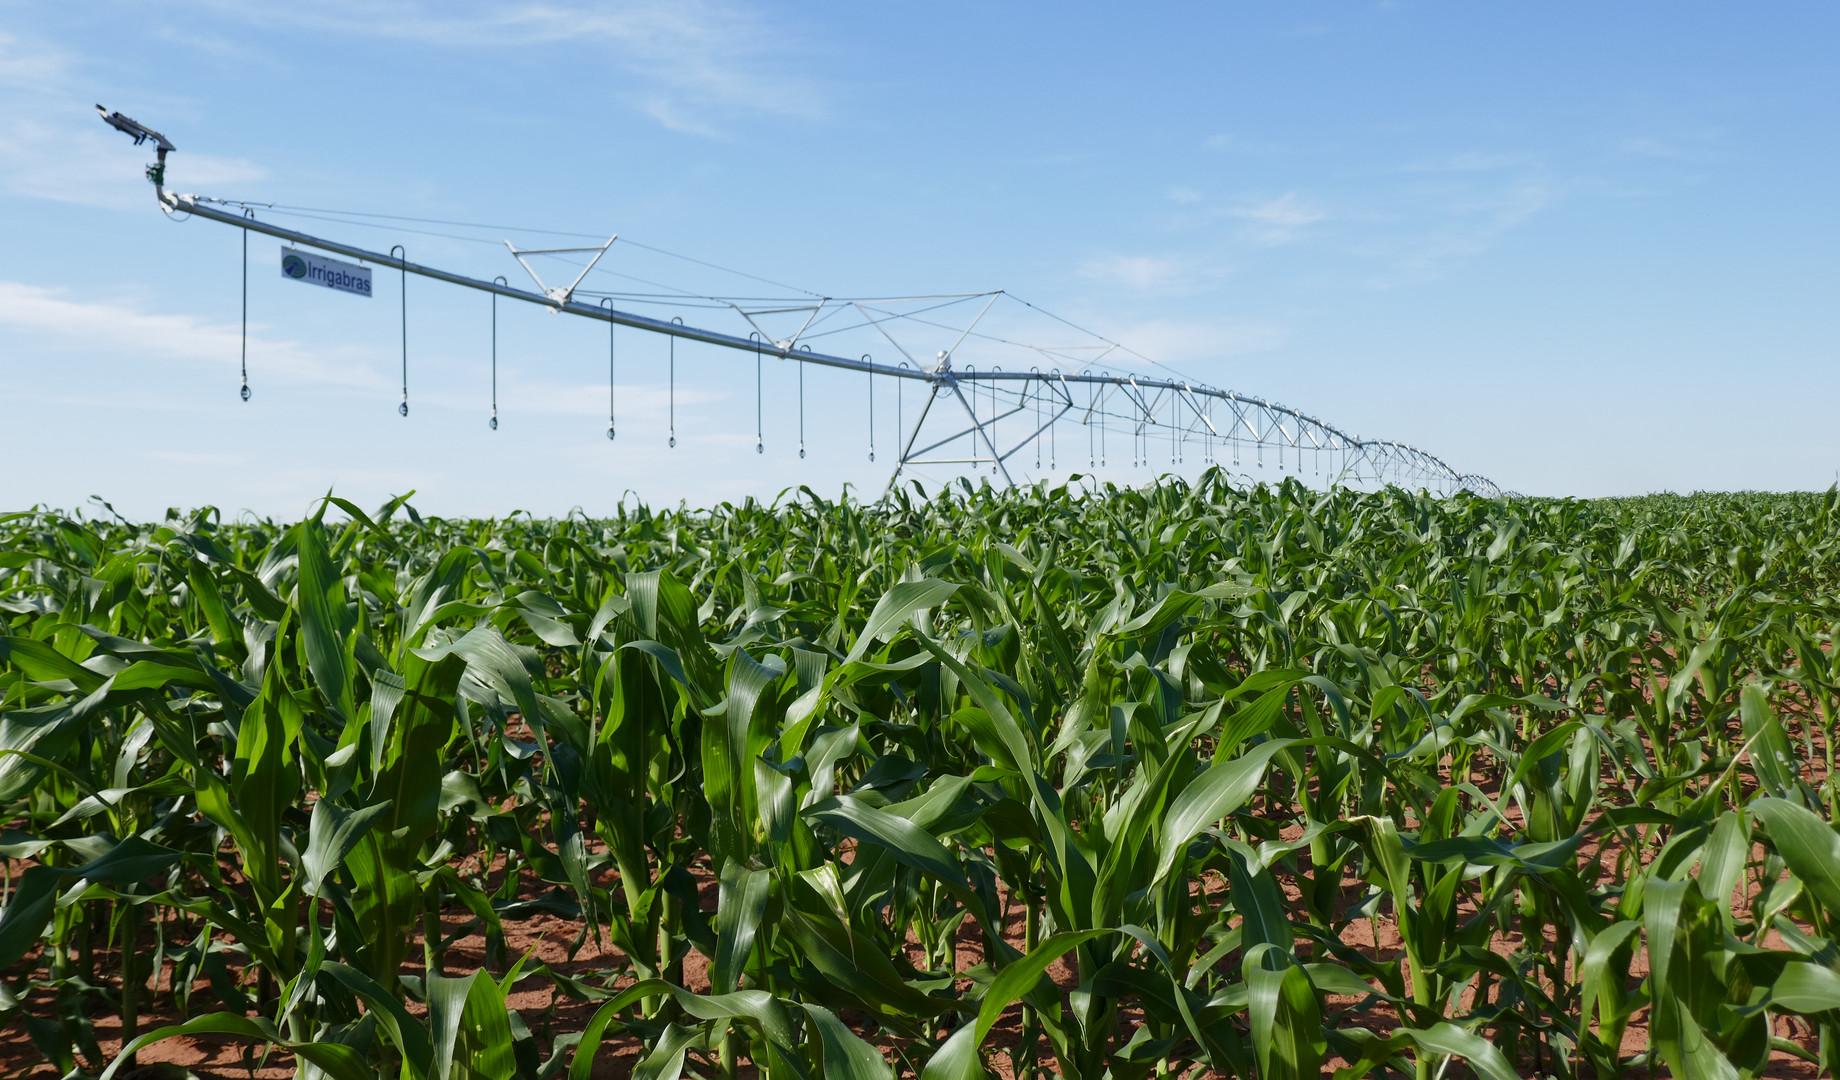 pivo central irrigabras irrigação pivot